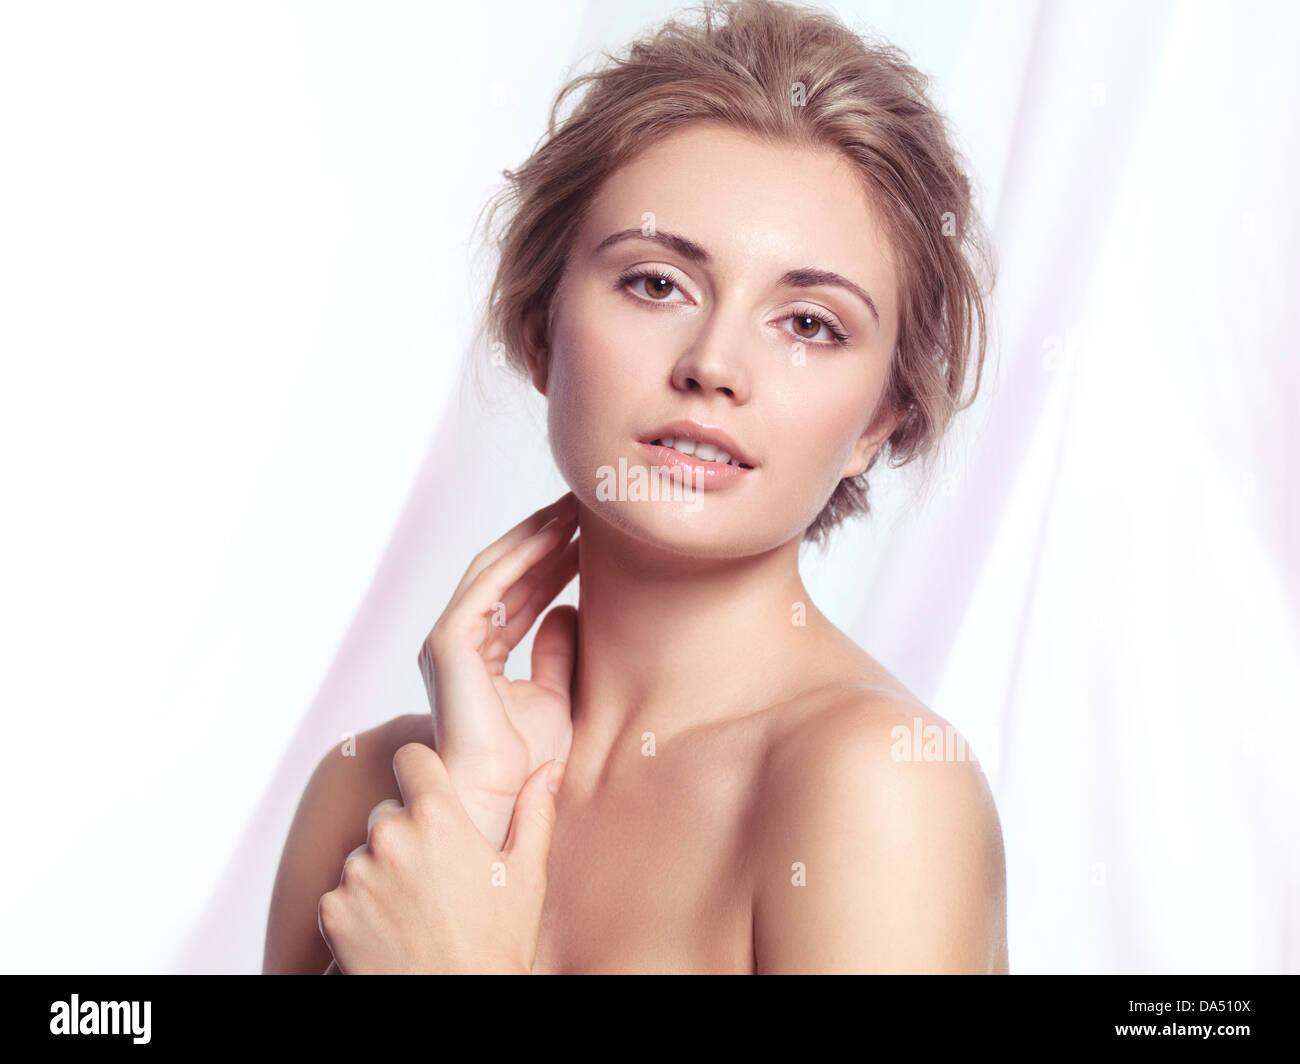 Belleza retrato de una mujer joven rostro relajado con limpieza natural maquillaje y peinado contemporáneo Imagen De Stock